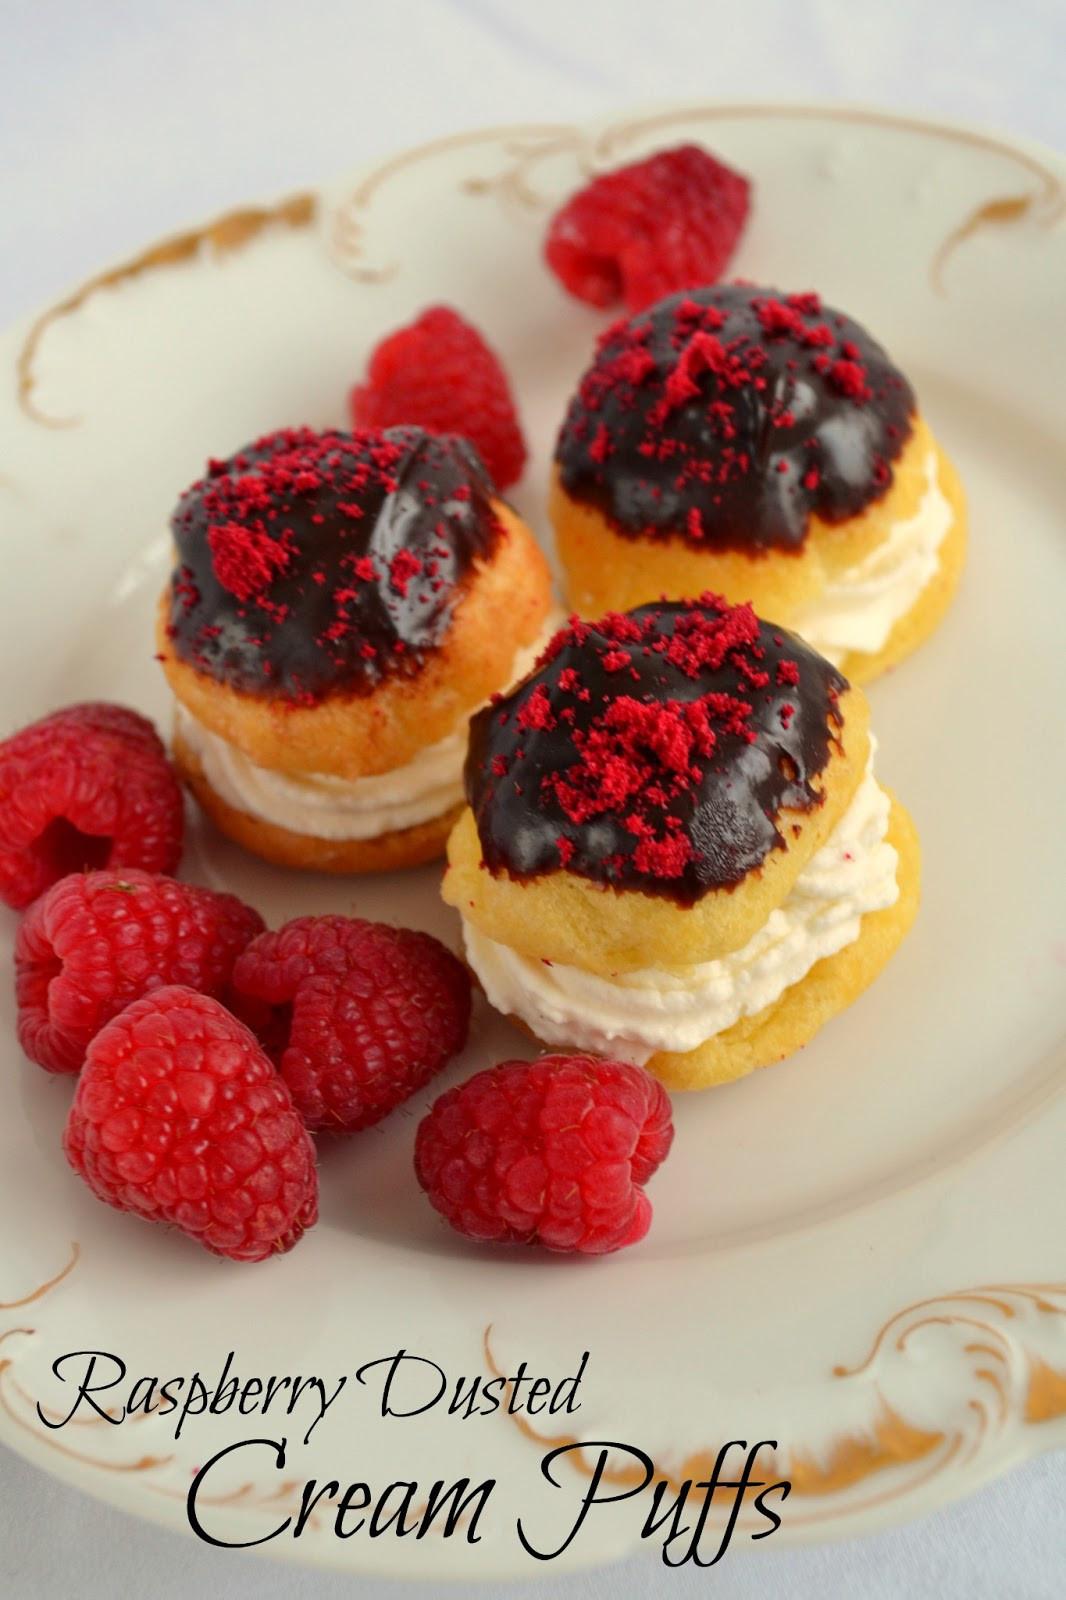 Valentine Day Recipes Dessert  20 VALENTINES DAY DESSERT IDEAS Godfather Style